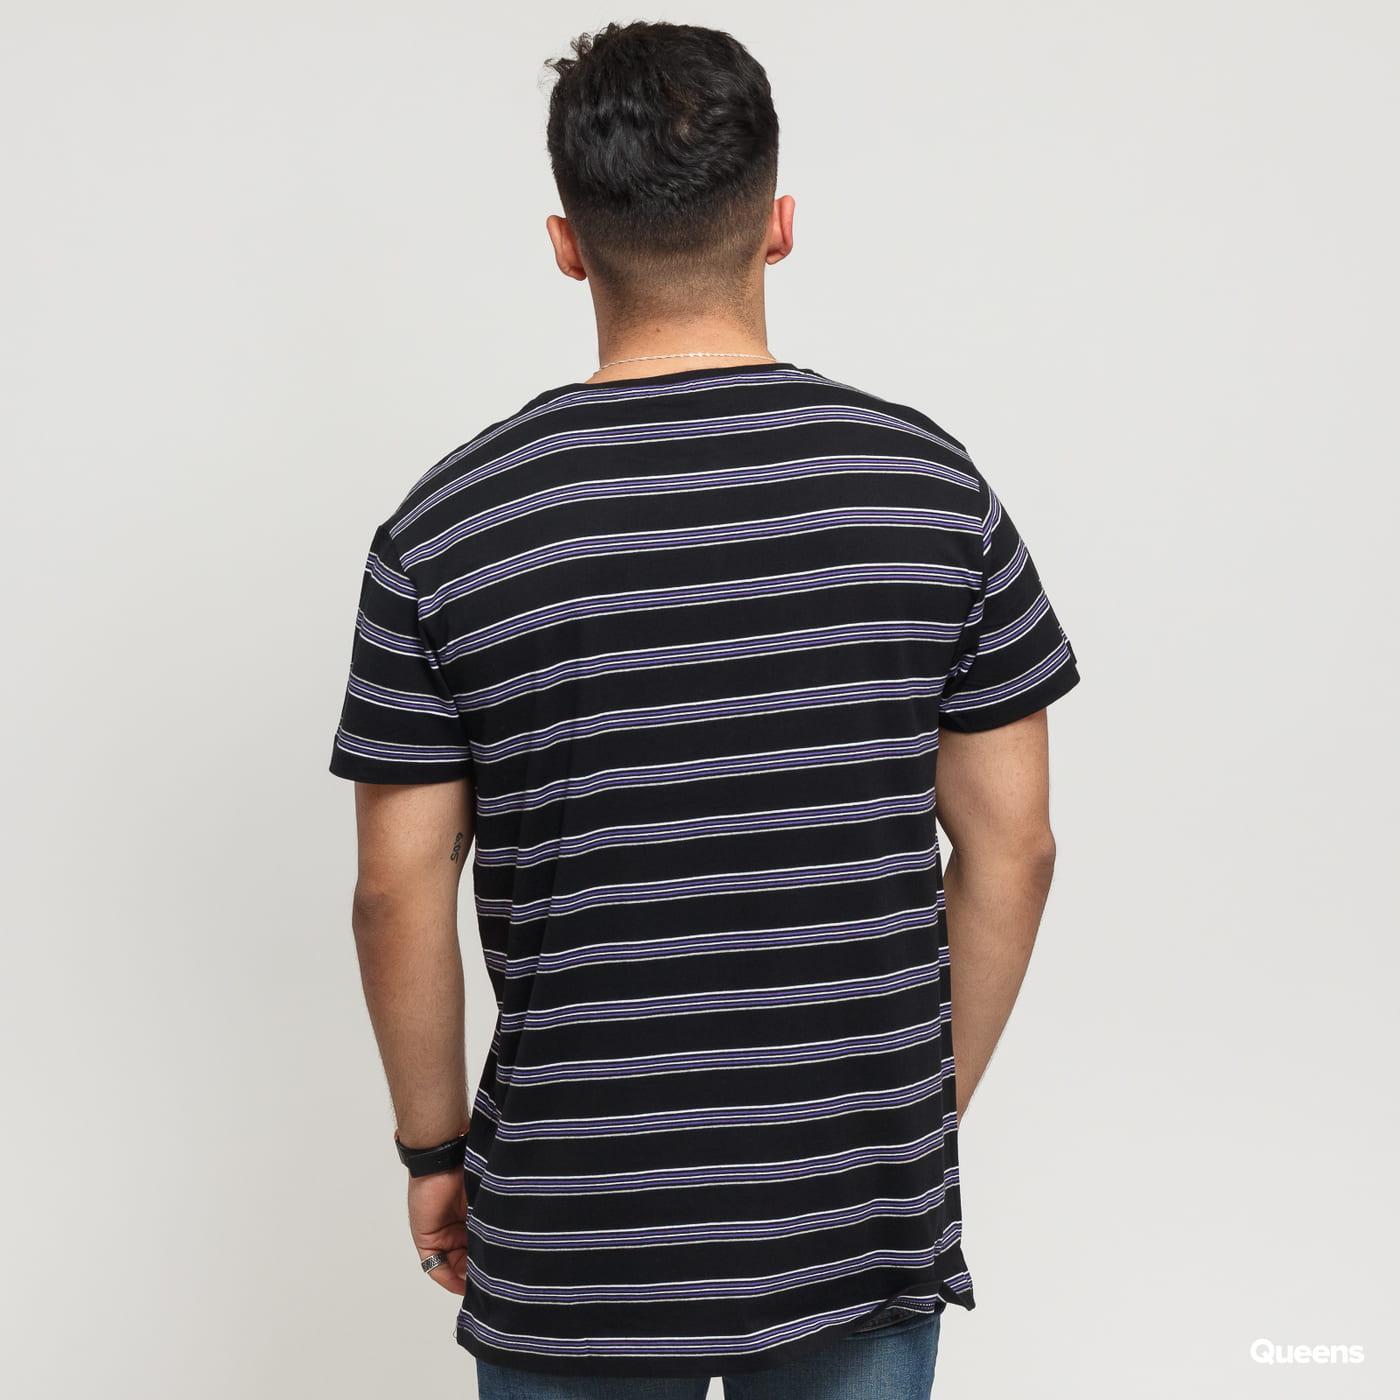 Urban Classics Multicolor Stripe Tee black / gray / purple / white